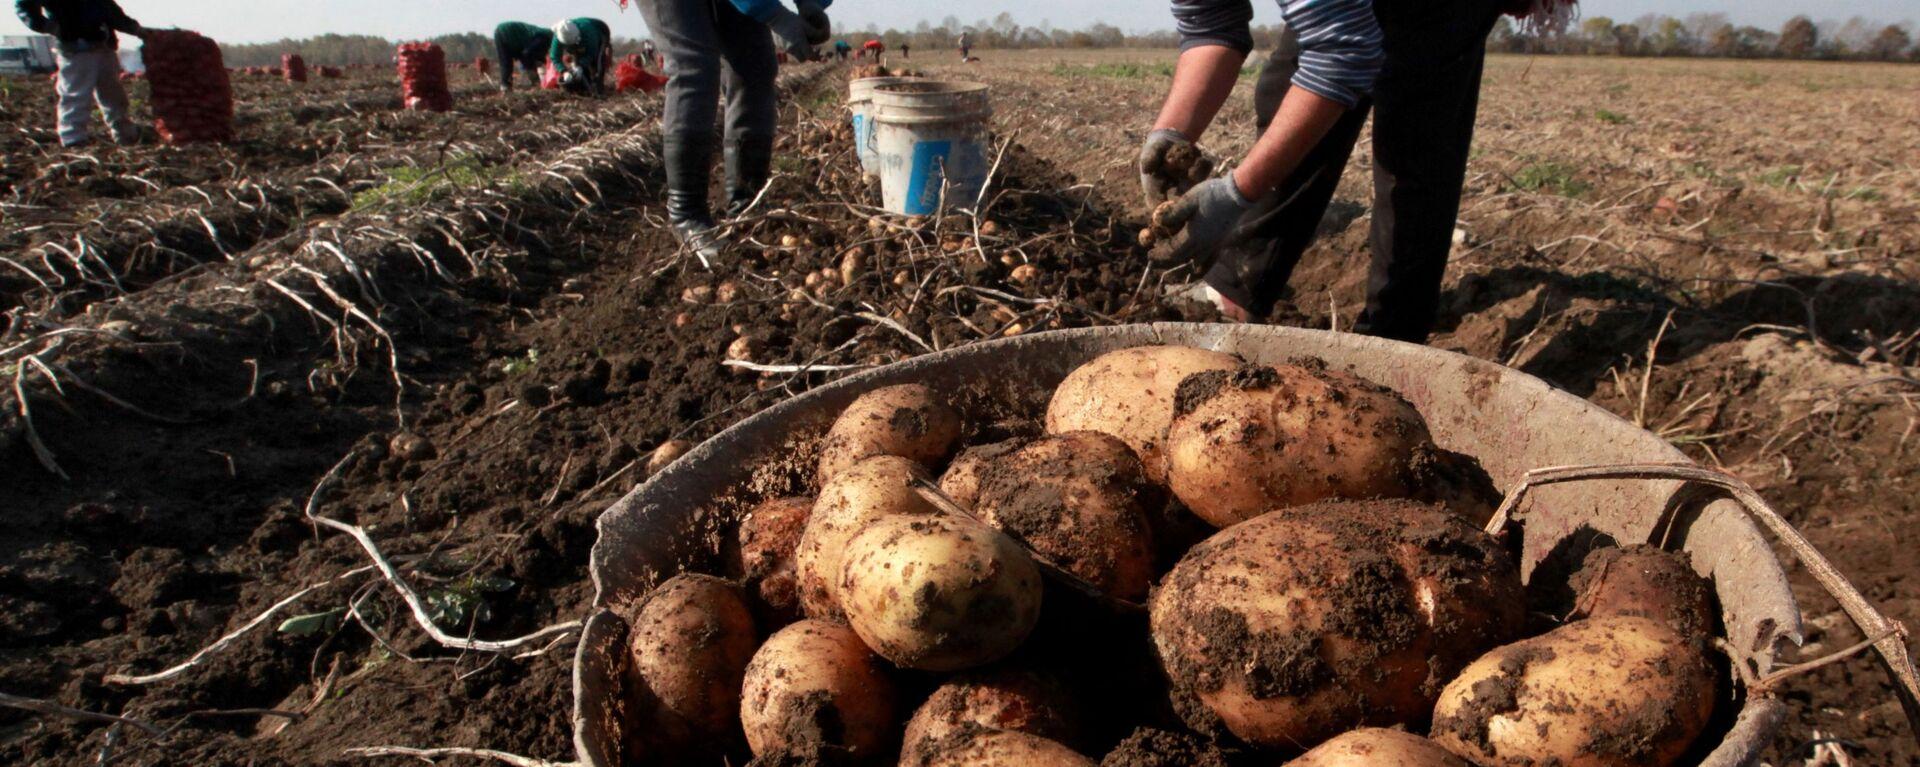 Сезонные рабочие собирают урожай картофеля в фермерском хозяйстве  - Sputnik Тоҷикистон, 1920, 20.09.2021